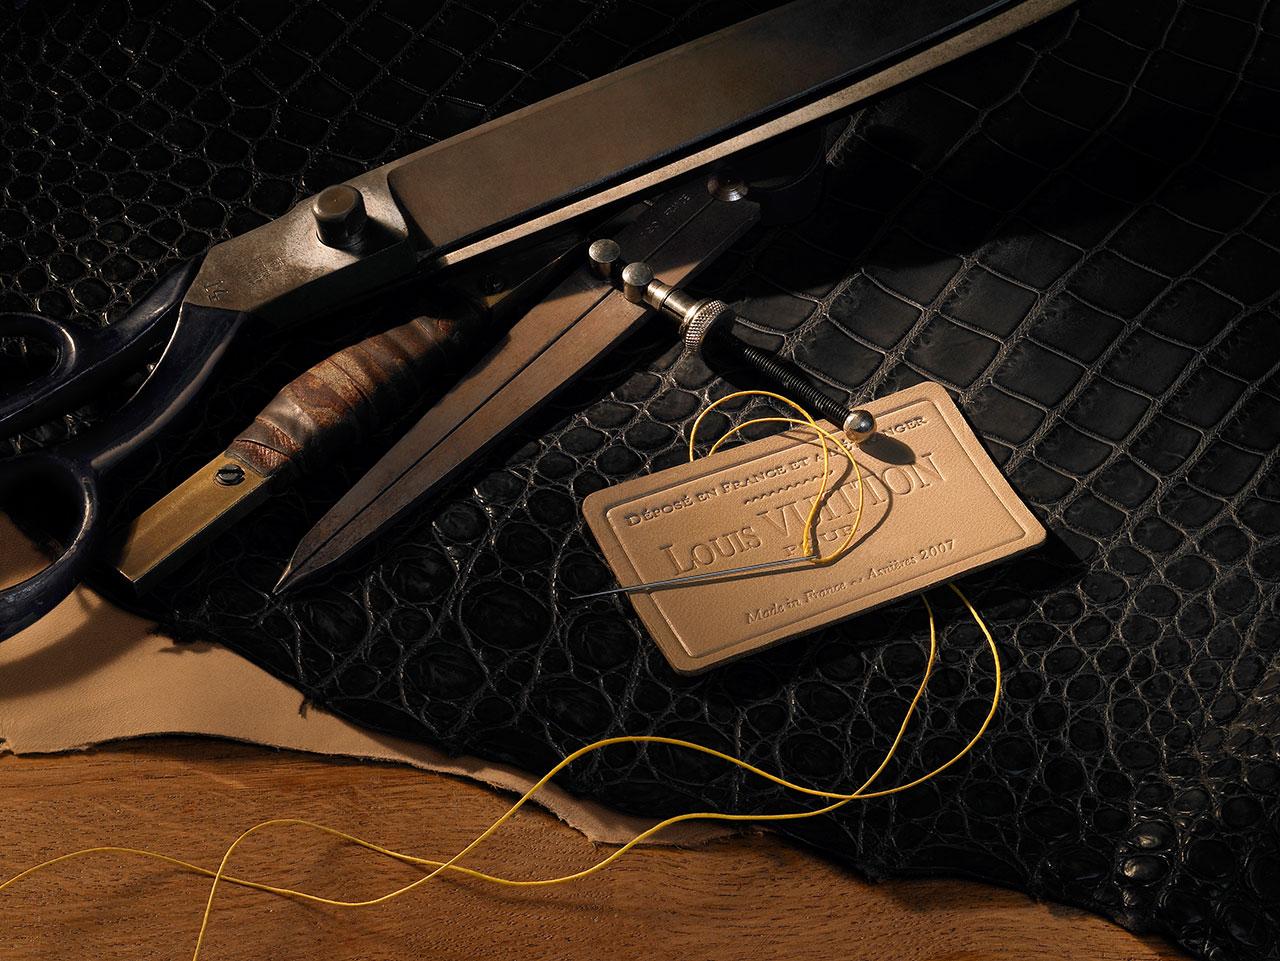 Những động thái của Louis Vuitton cho thấy quyết tâm của hãng trong việc bảo vệ và giữ gìn giá trị, hình ảnh nhãn hiệu trên thị trường.